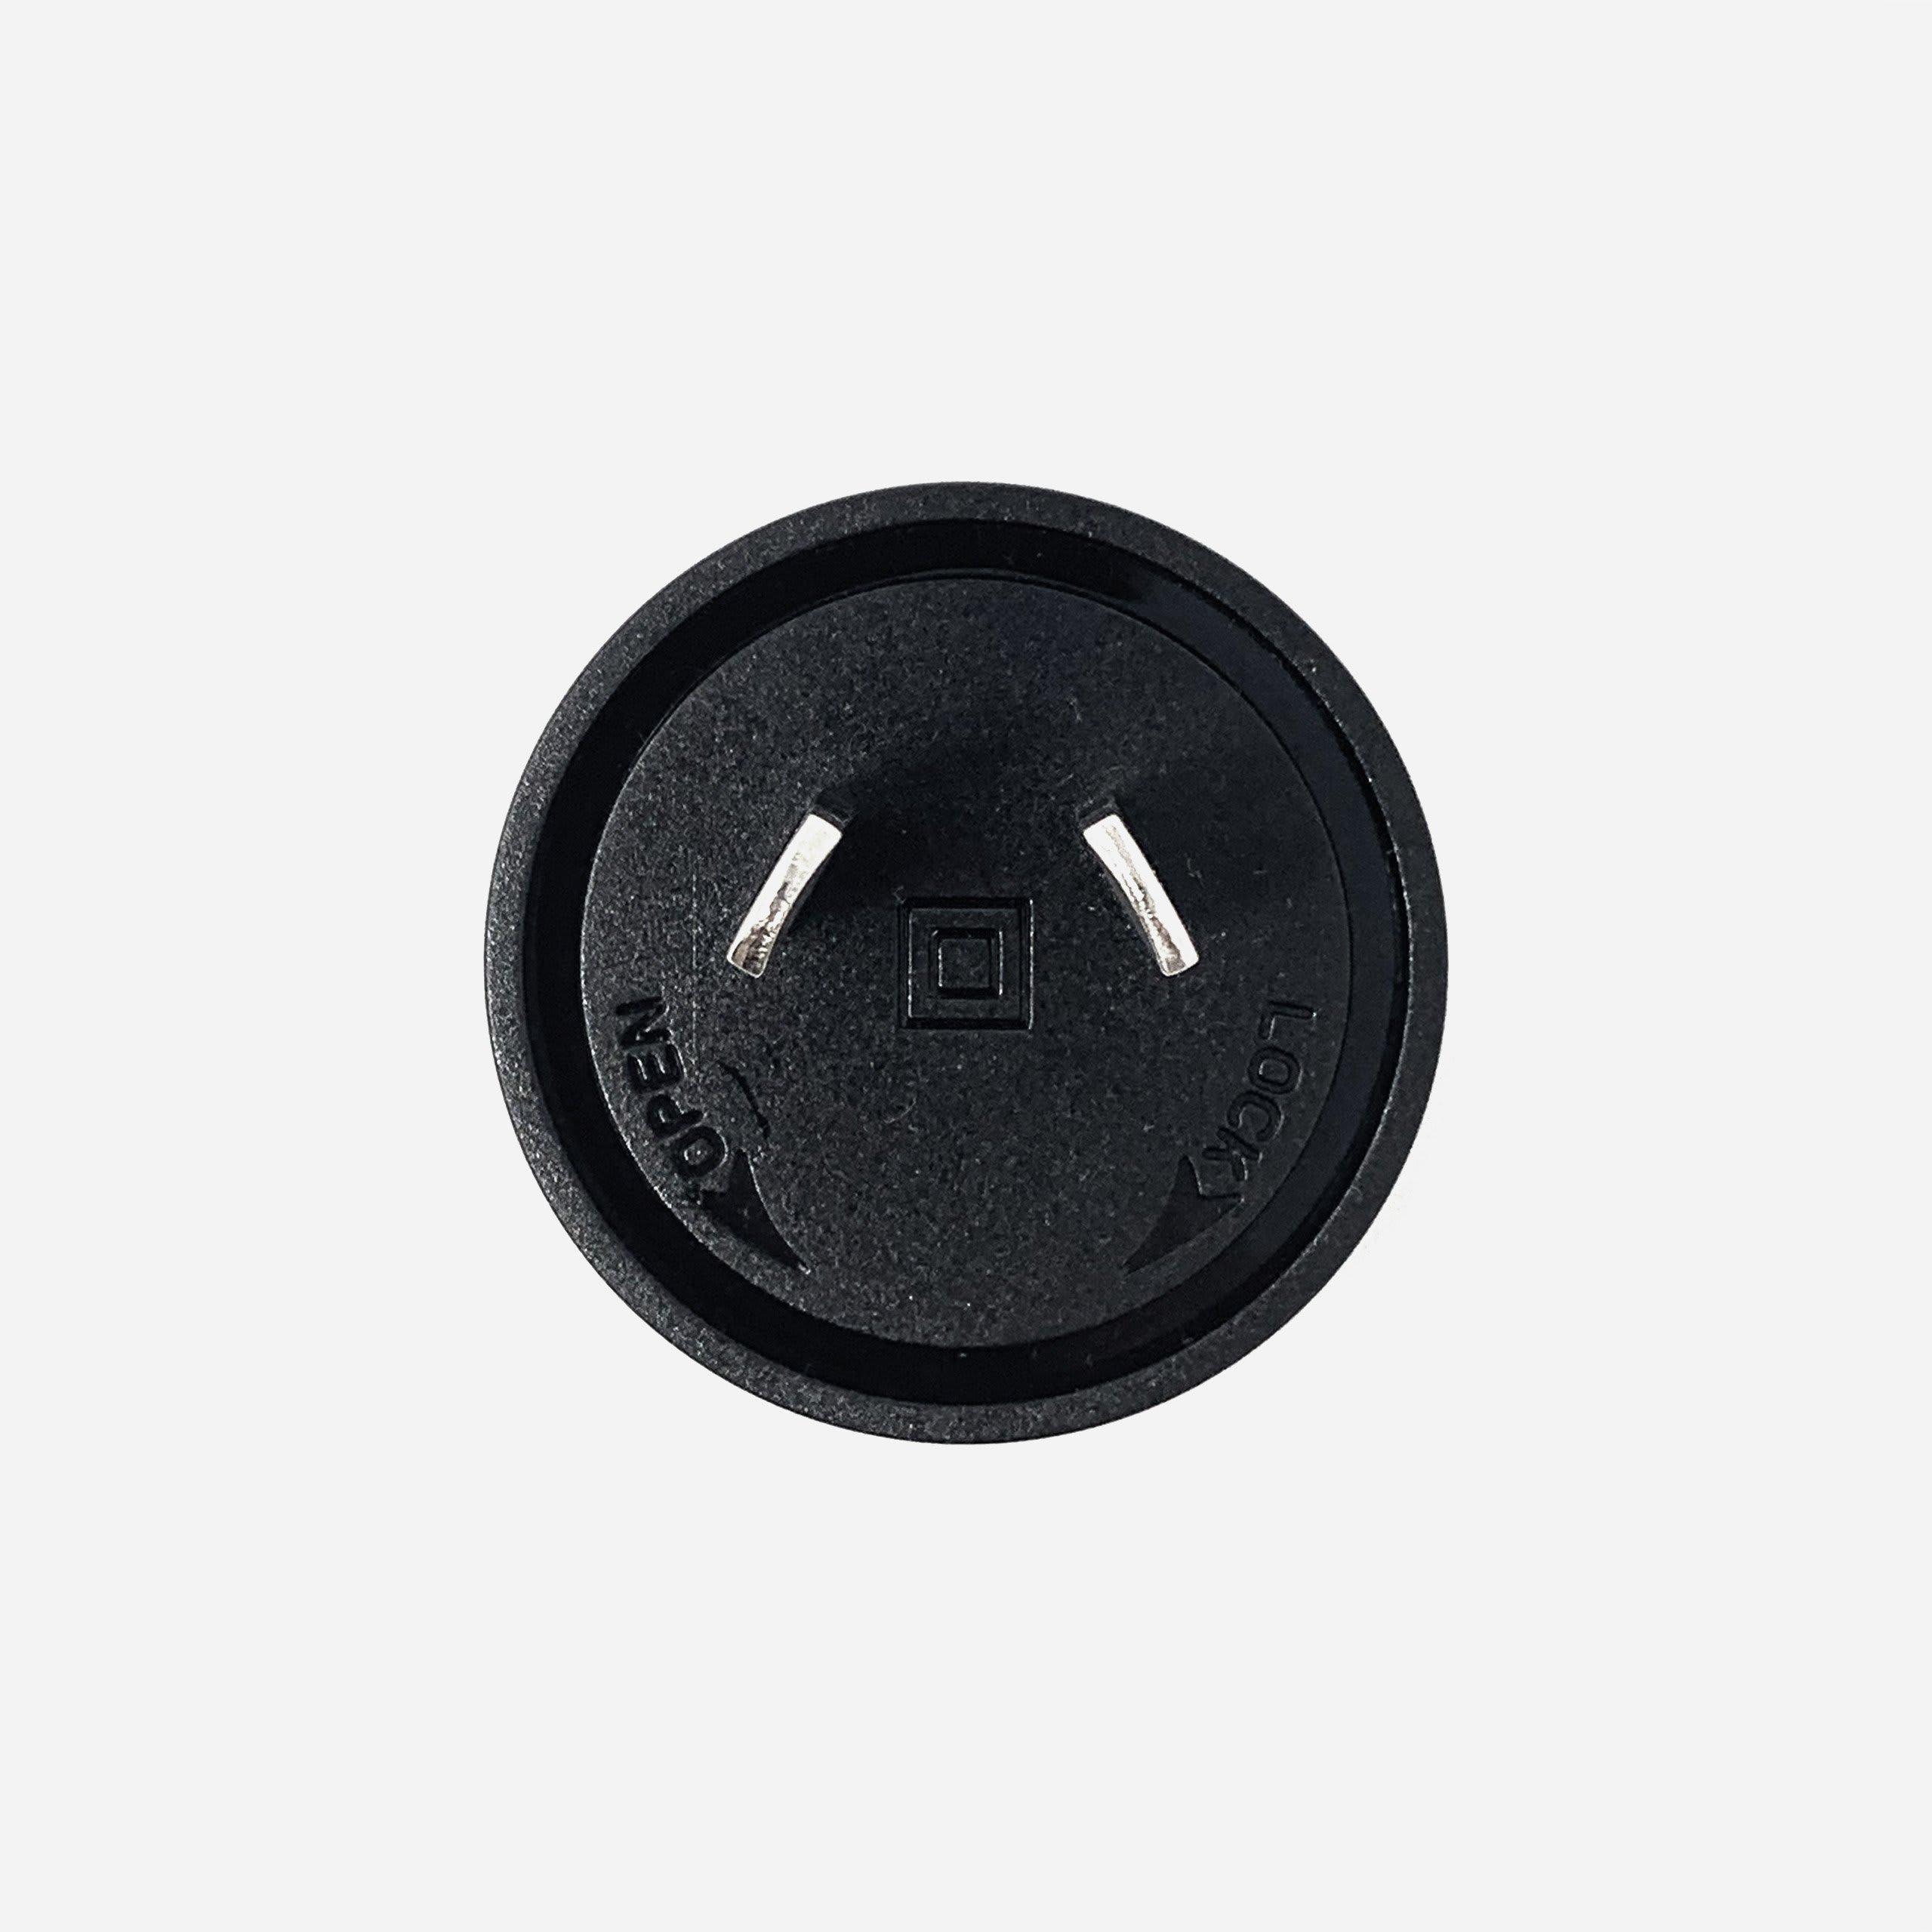 Base Station Plug